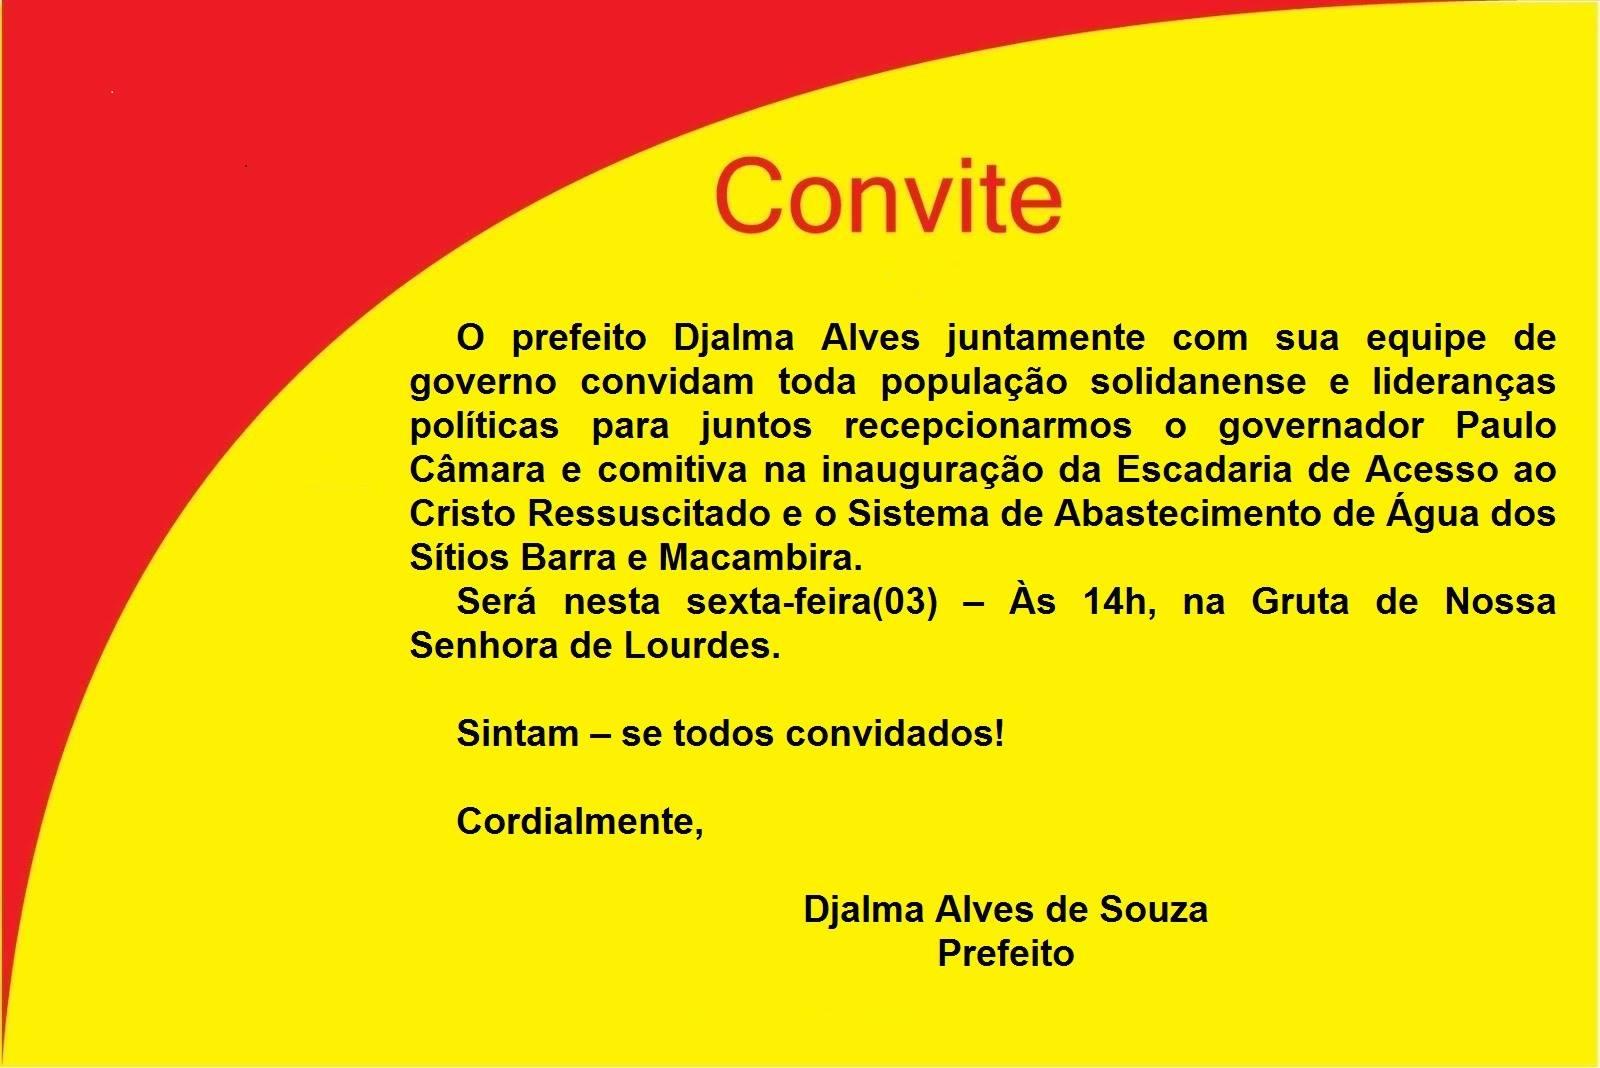 Convite da prefeitura para inauguração da escadaria